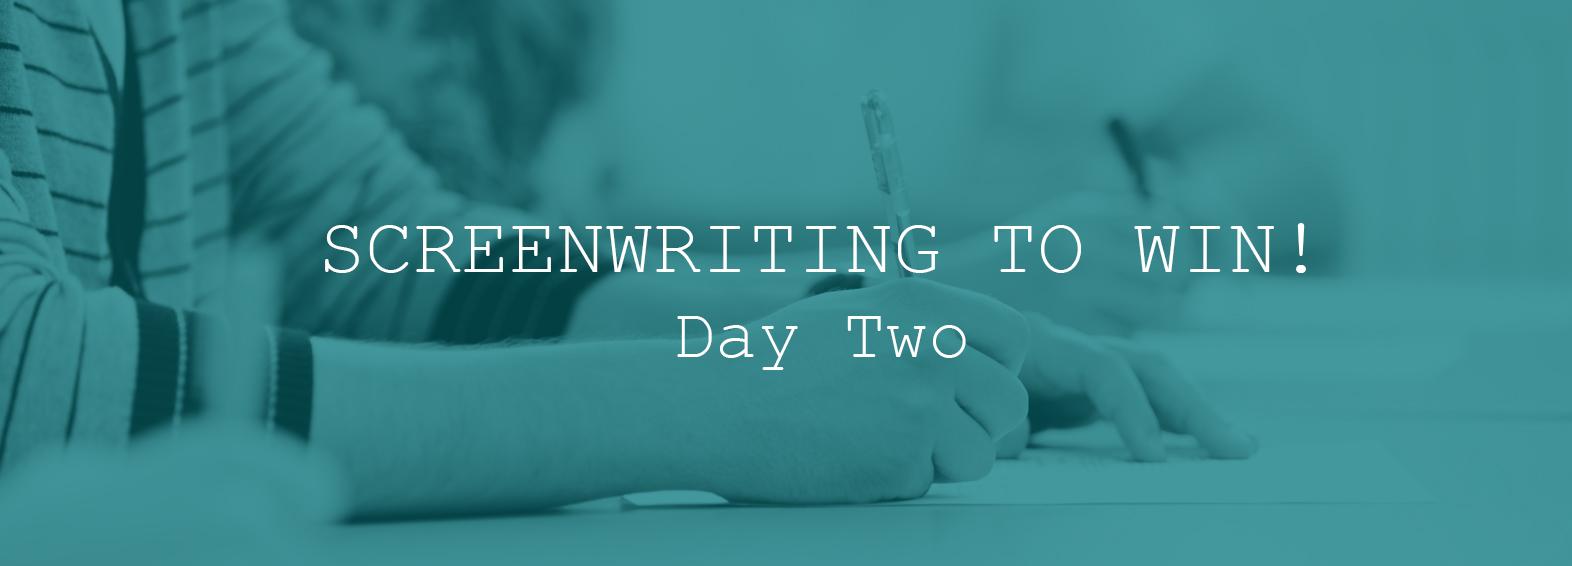 SCREENWRITING-TO-WIN!-Day-Two.jpg